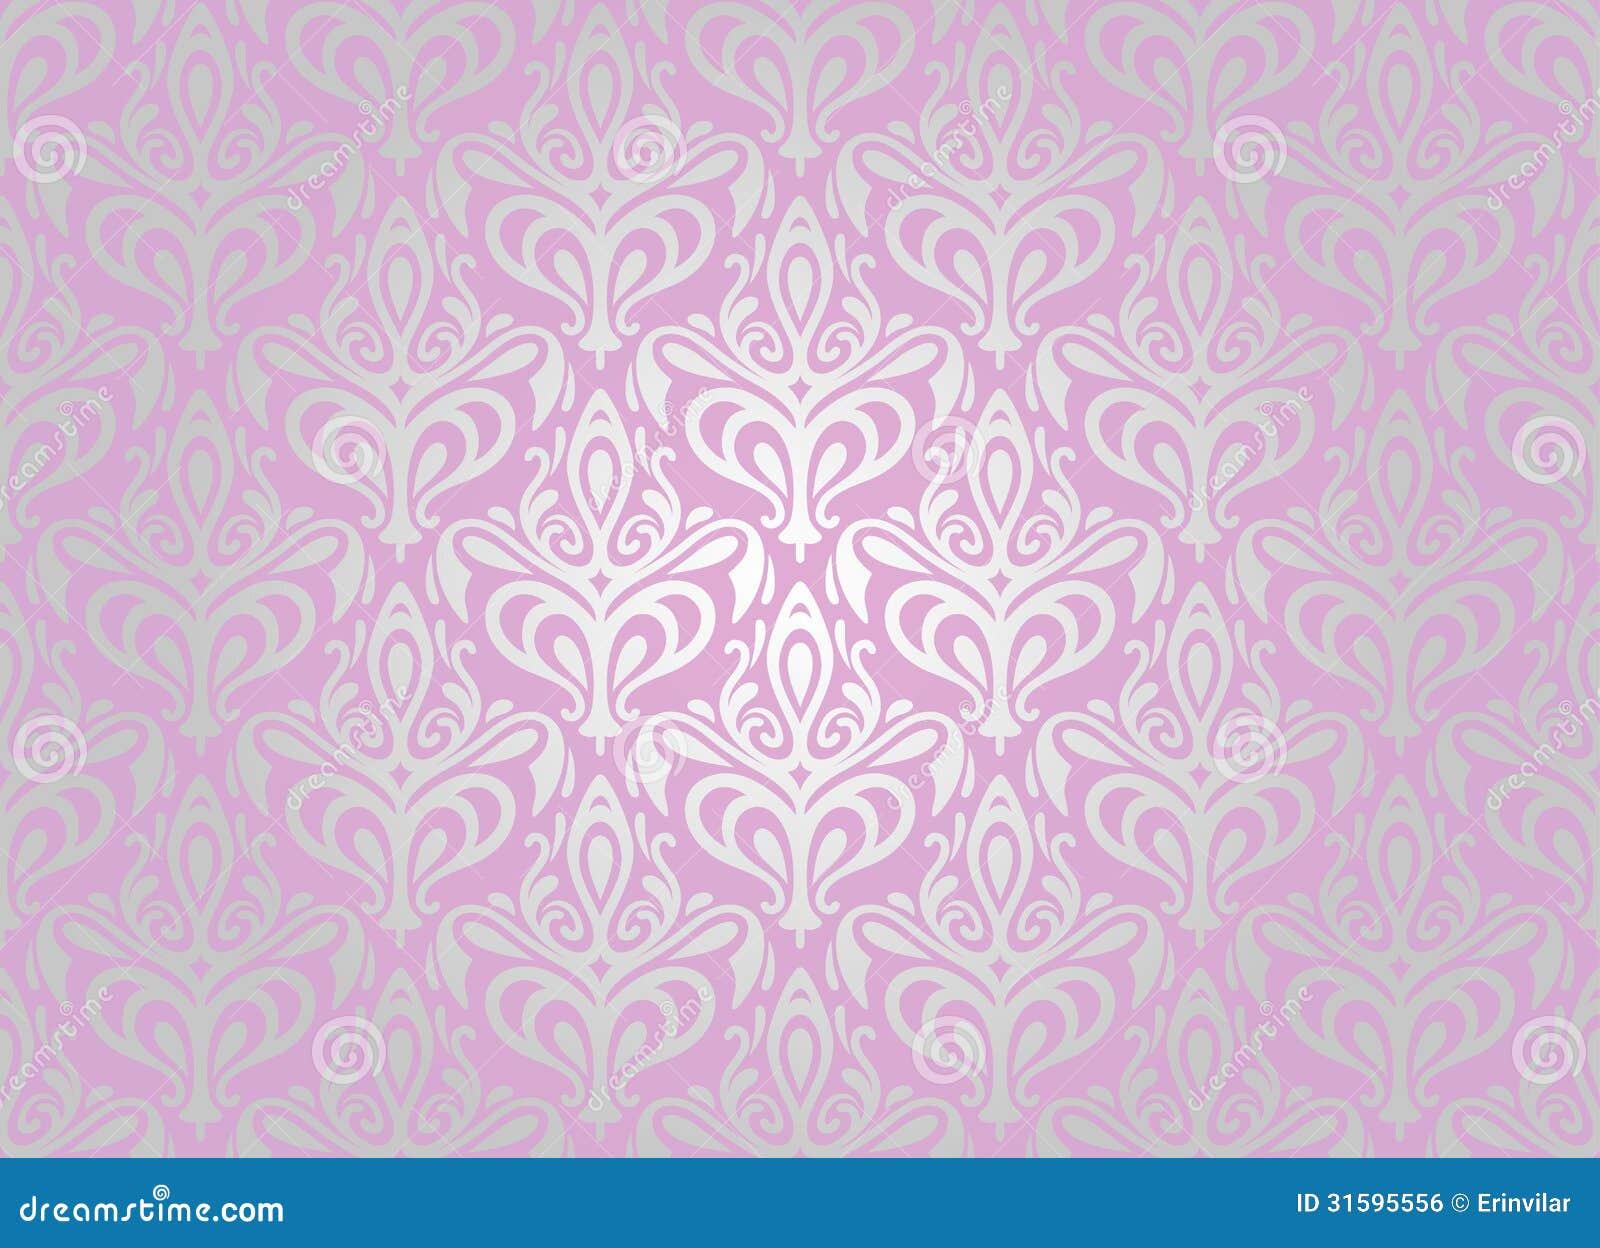 Papel pintado rosado y de plata imagen de archivo libre de for Papel pintado azul y plata